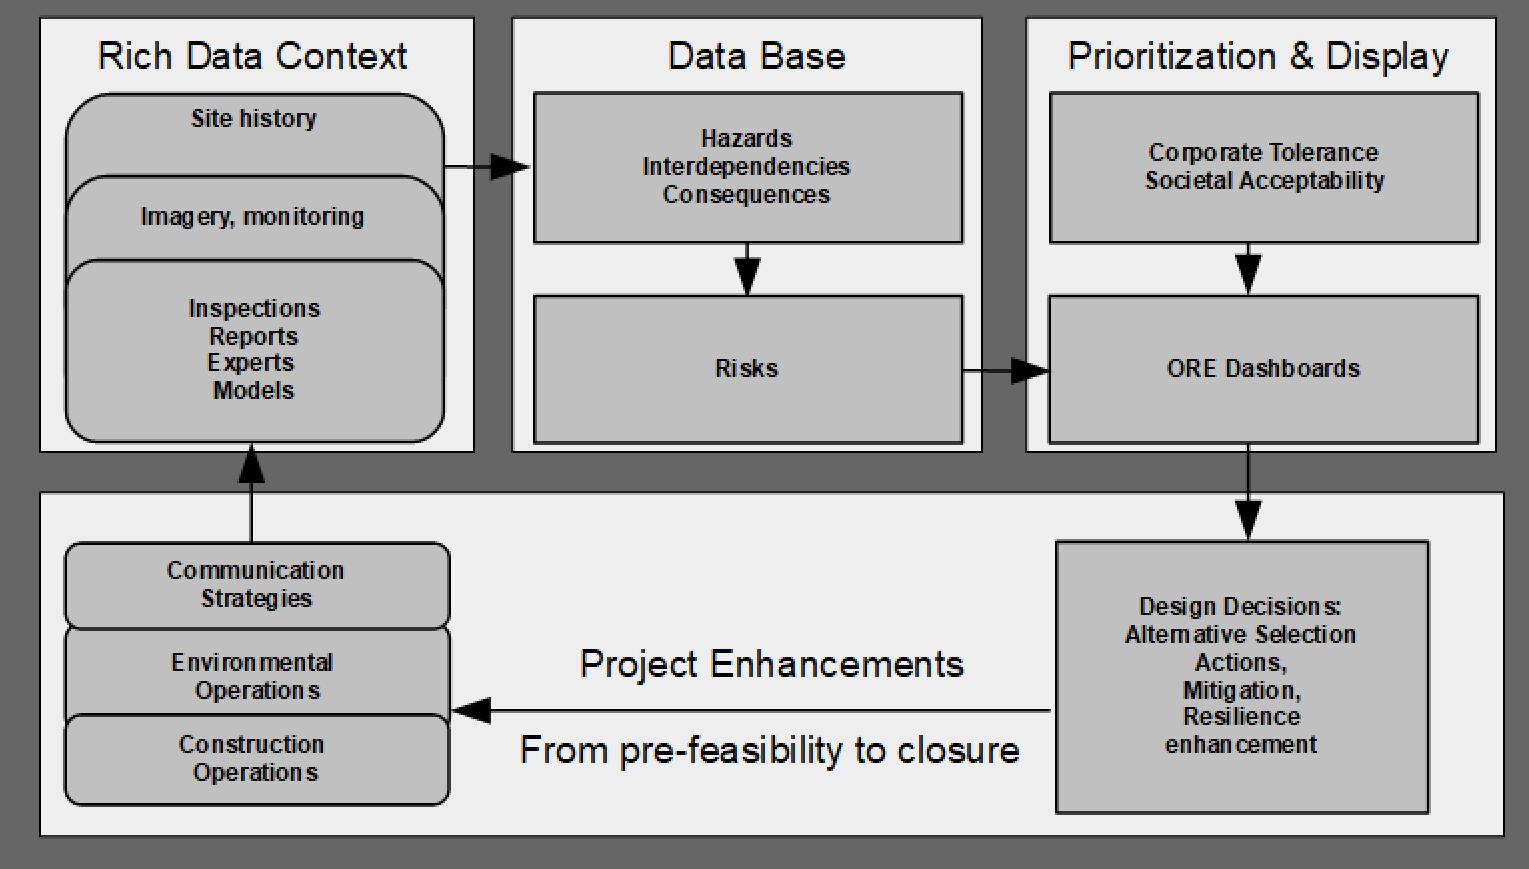 Riskope identifies, quantifies, prioritizes enterprise risks